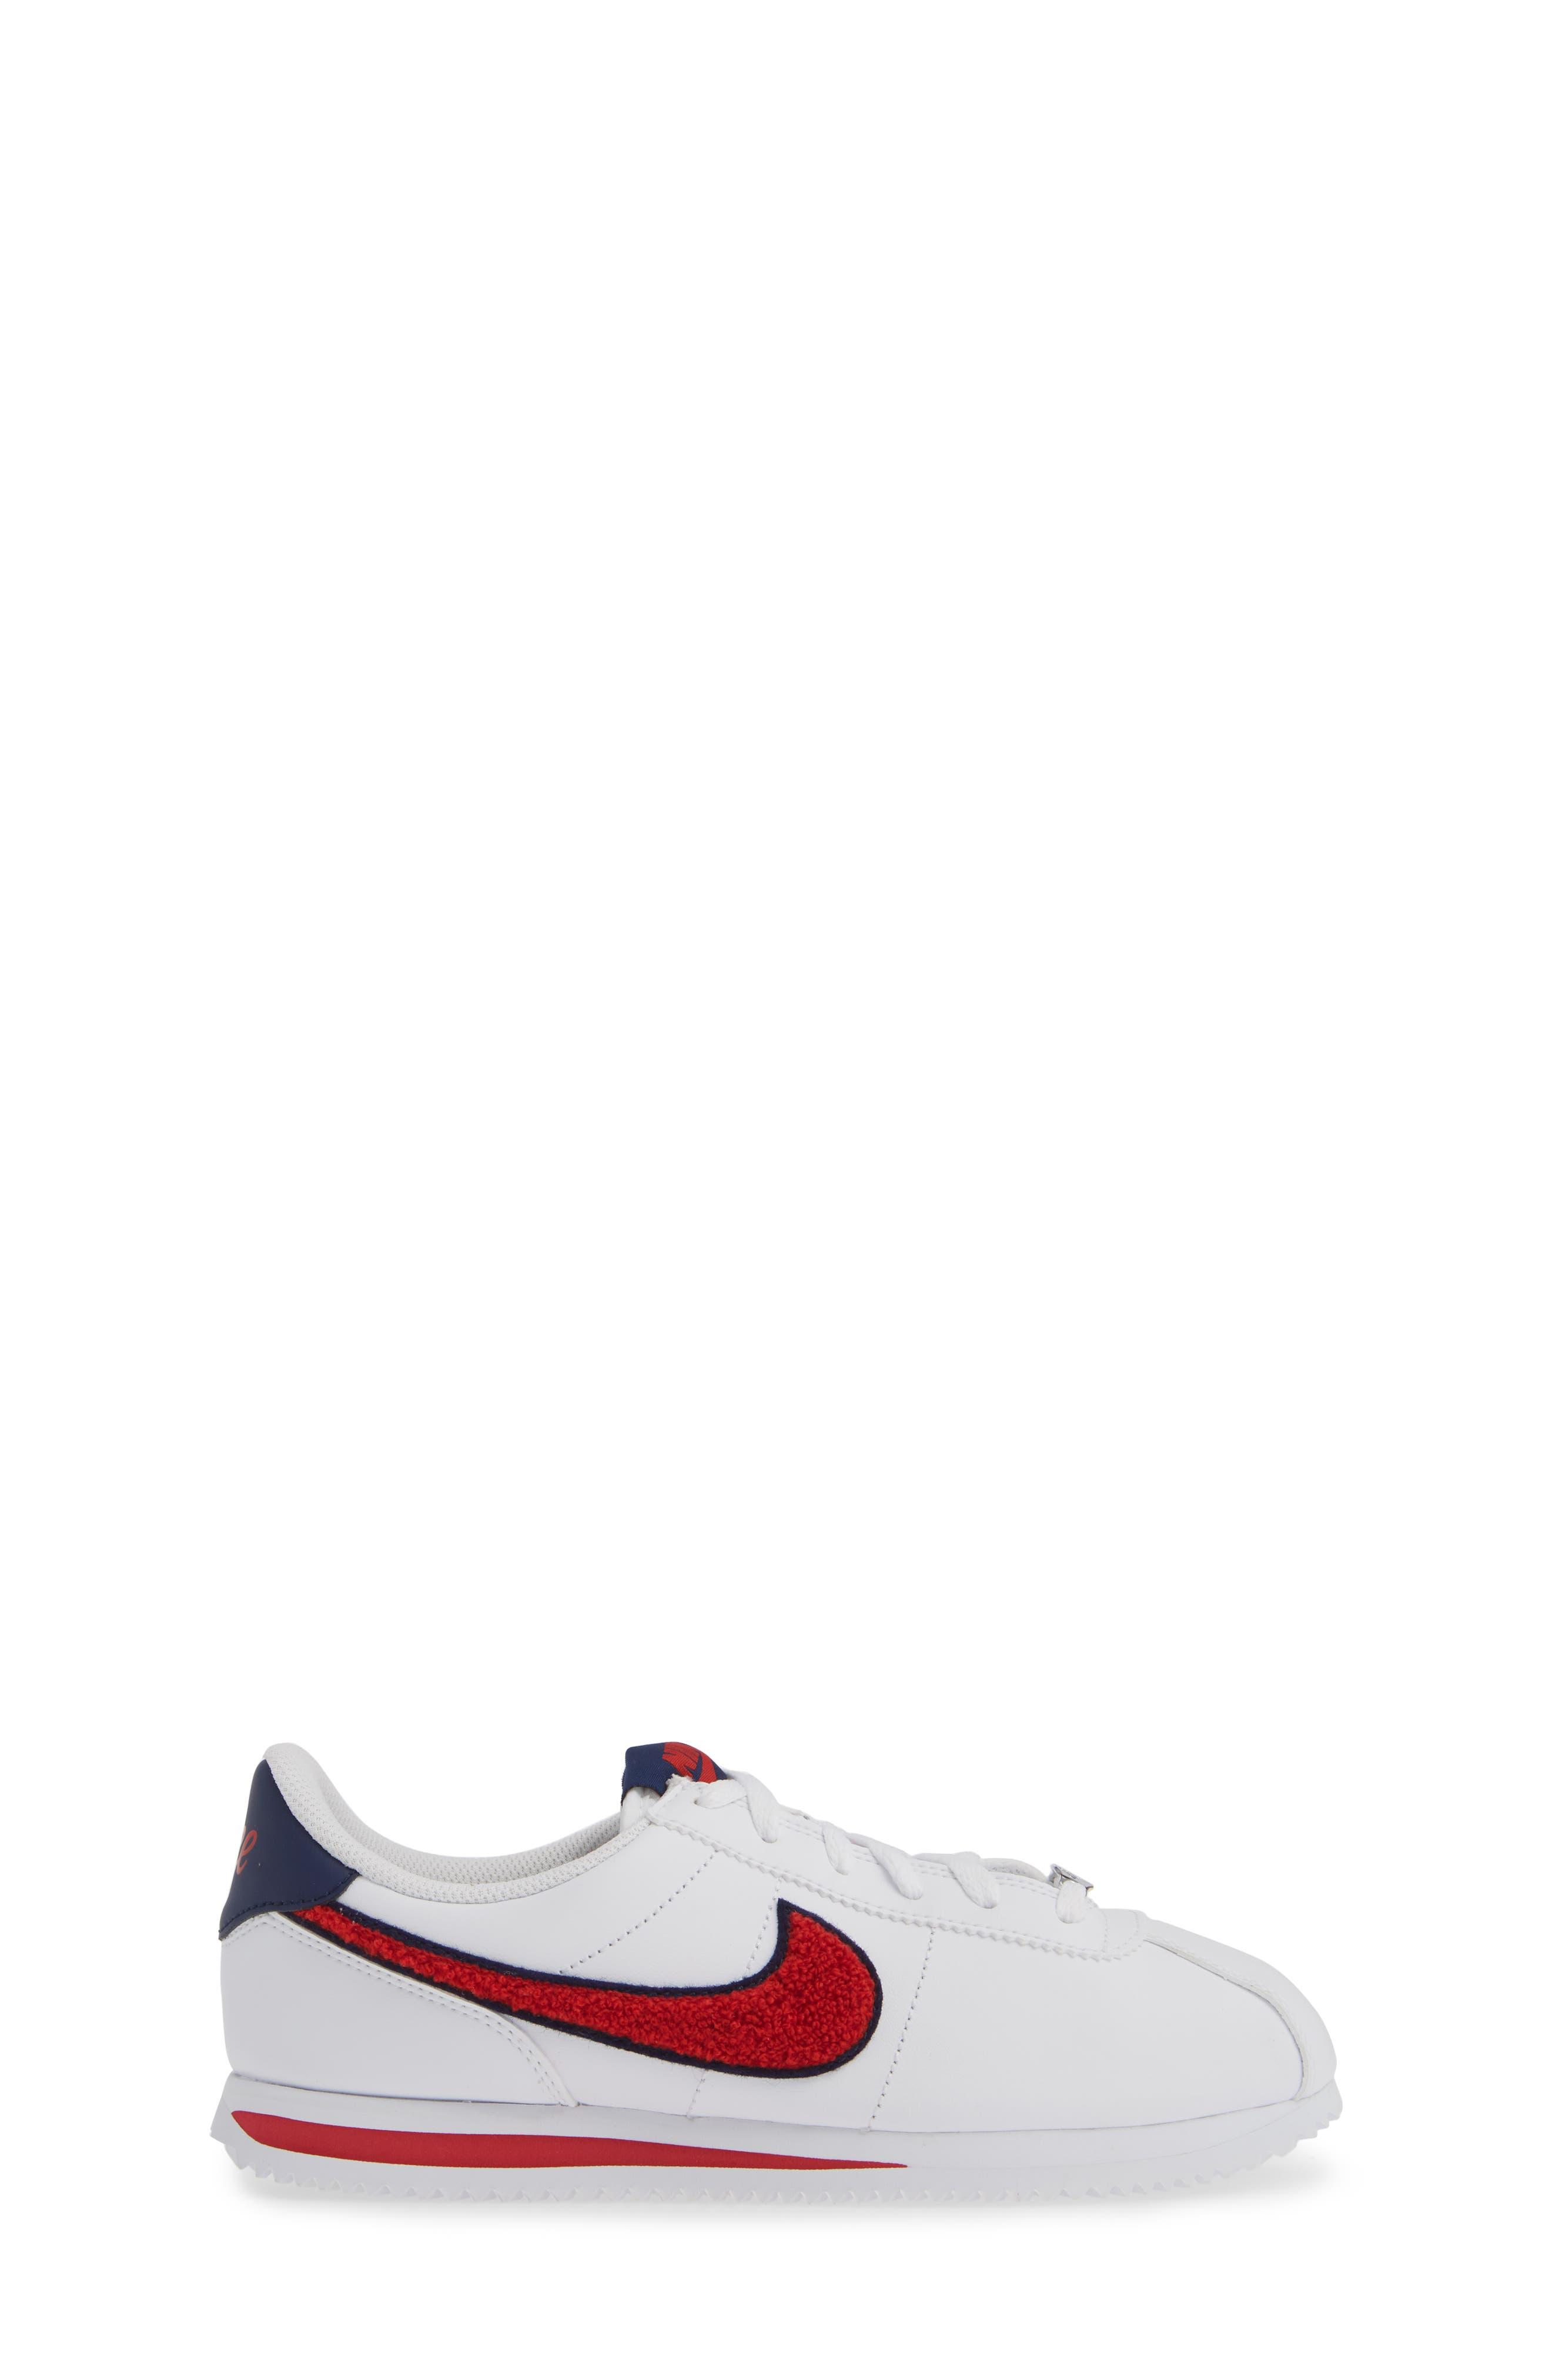 Cortez Basic SE Sneaker,                             Alternate thumbnail 3, color,                             WHITE/ UNIVERSITY RED/ BLUE